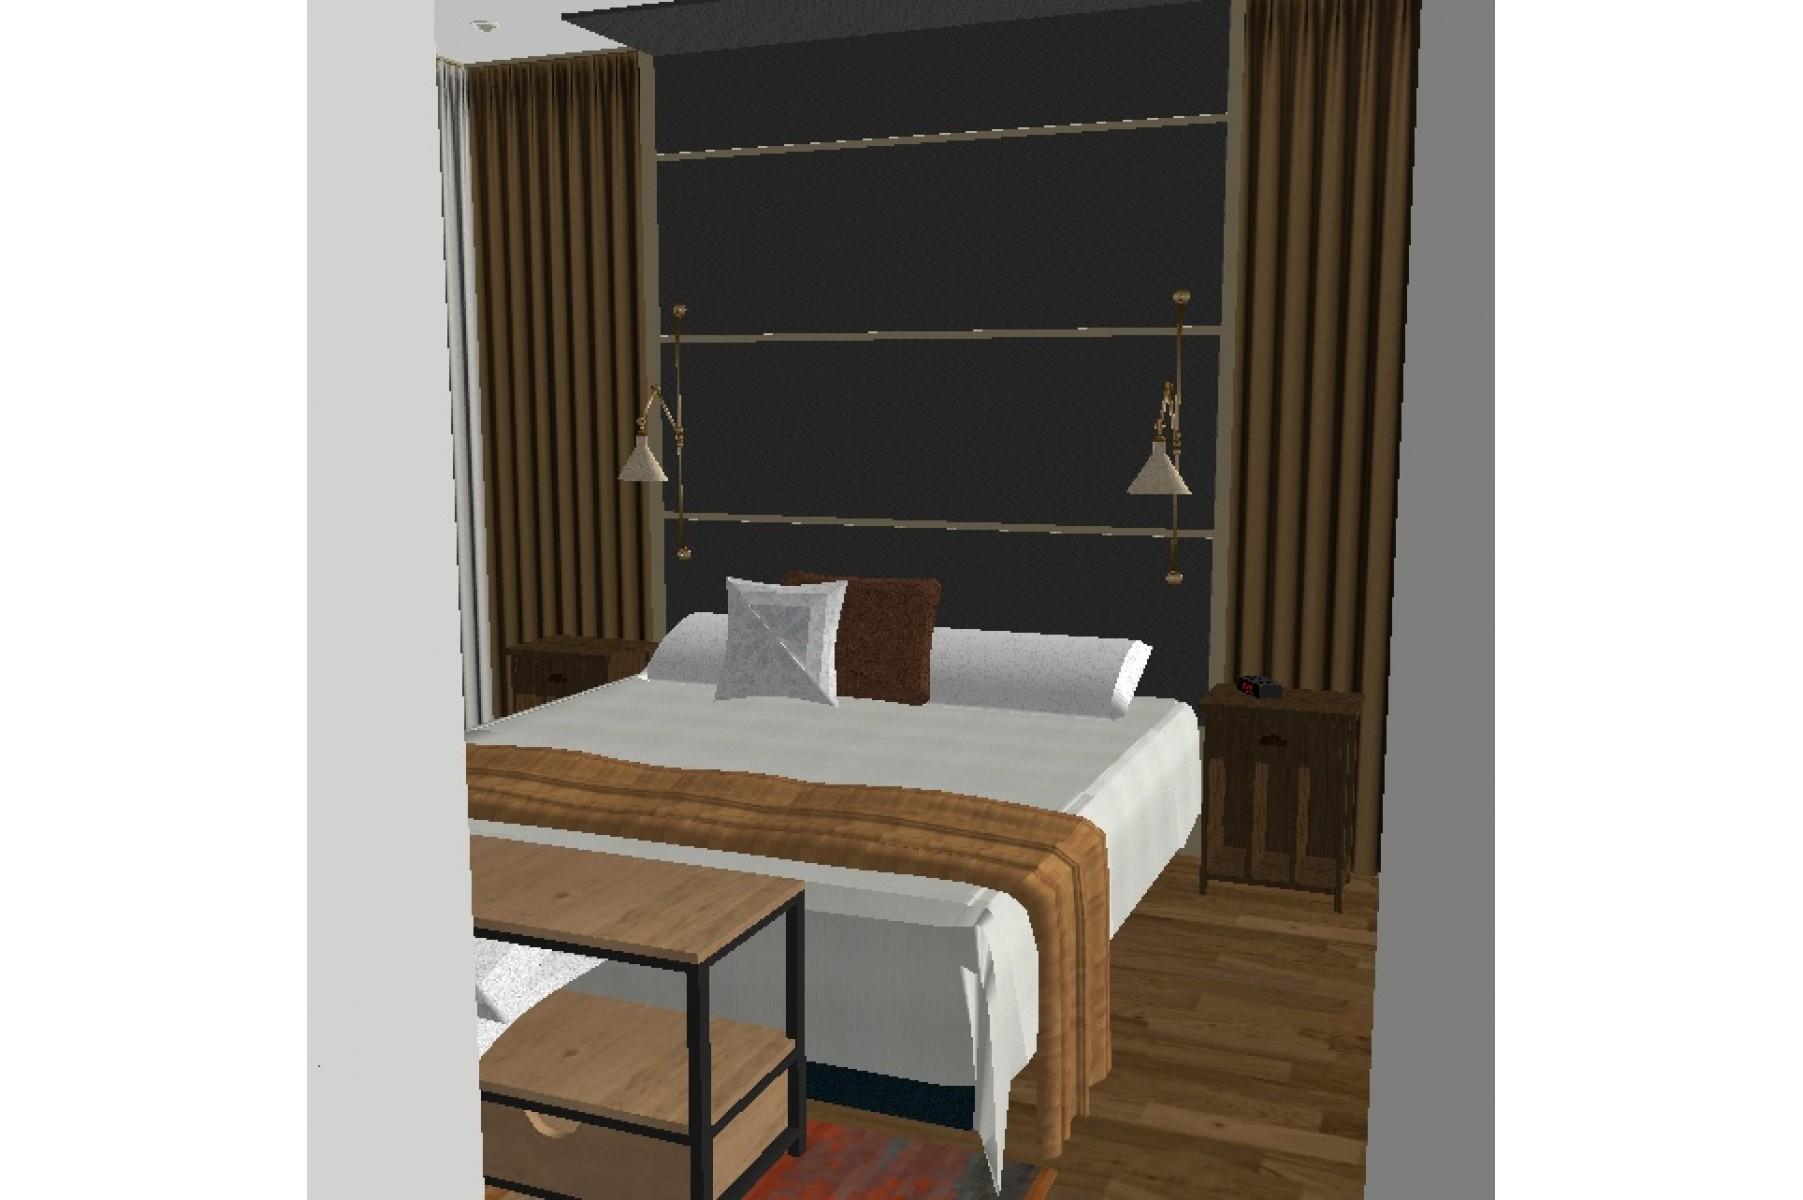 Plan PRÉ-Chambre Bedroom 1